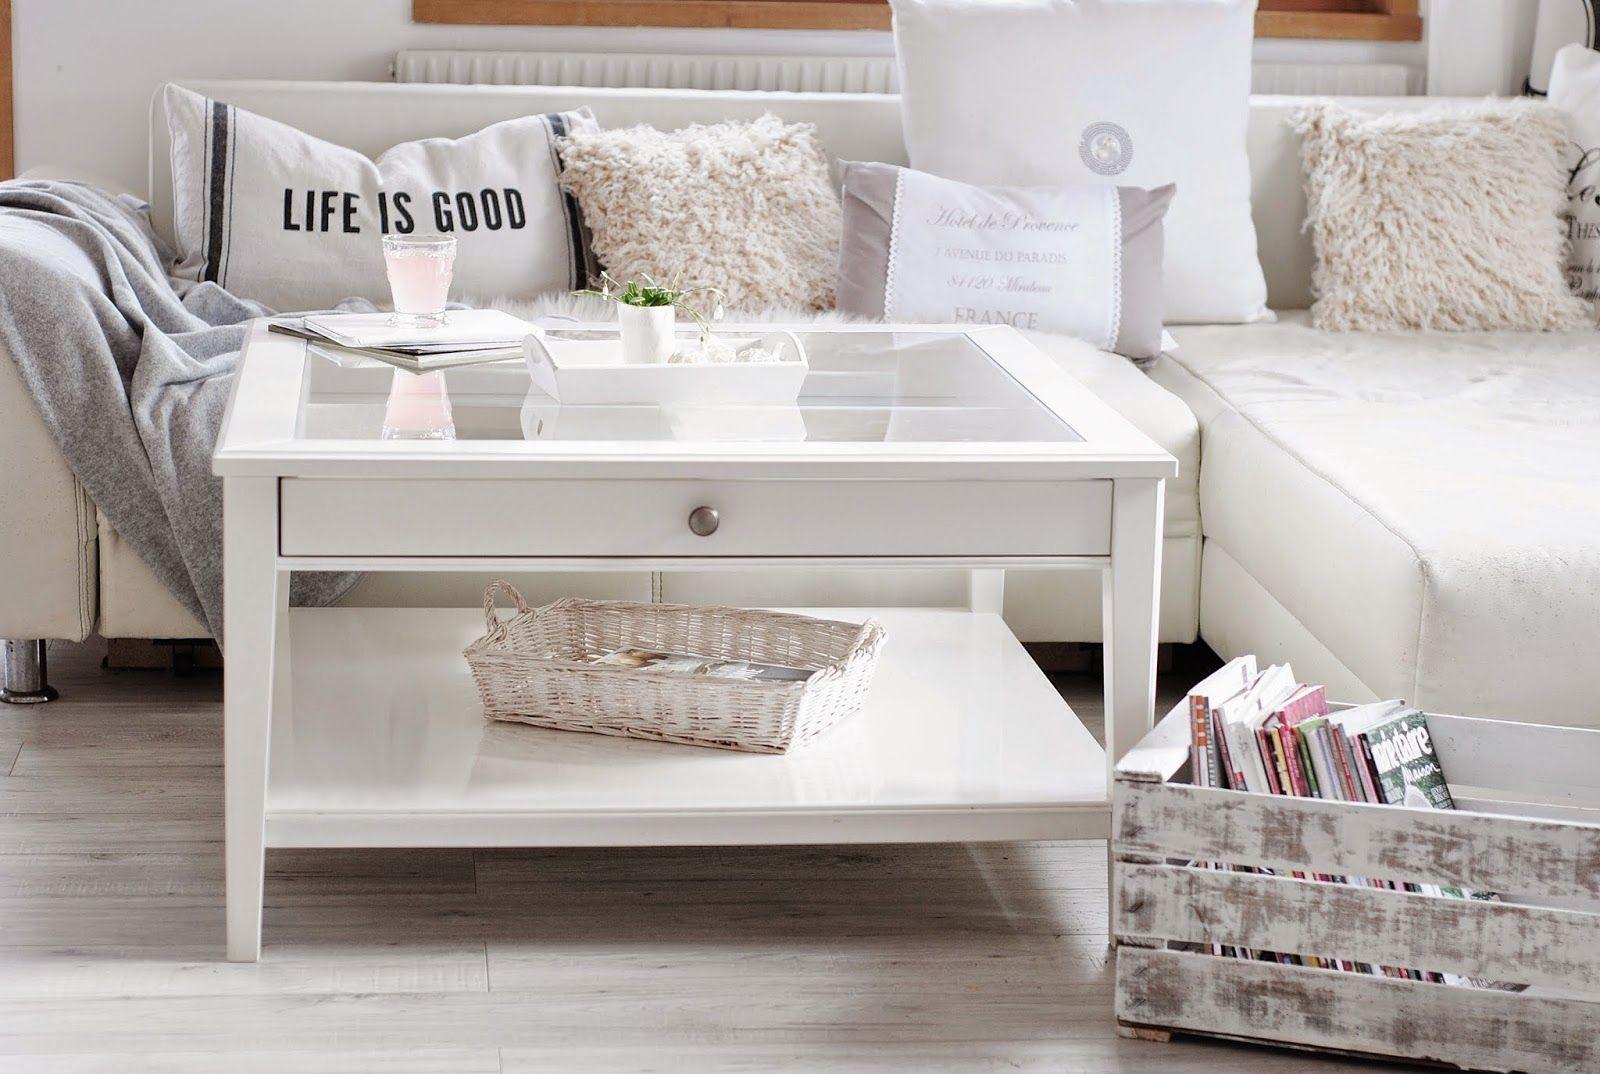 Nordisch Wohnen nordisches wohnen, vintage, wohnen in weiß | white and vintage: deko